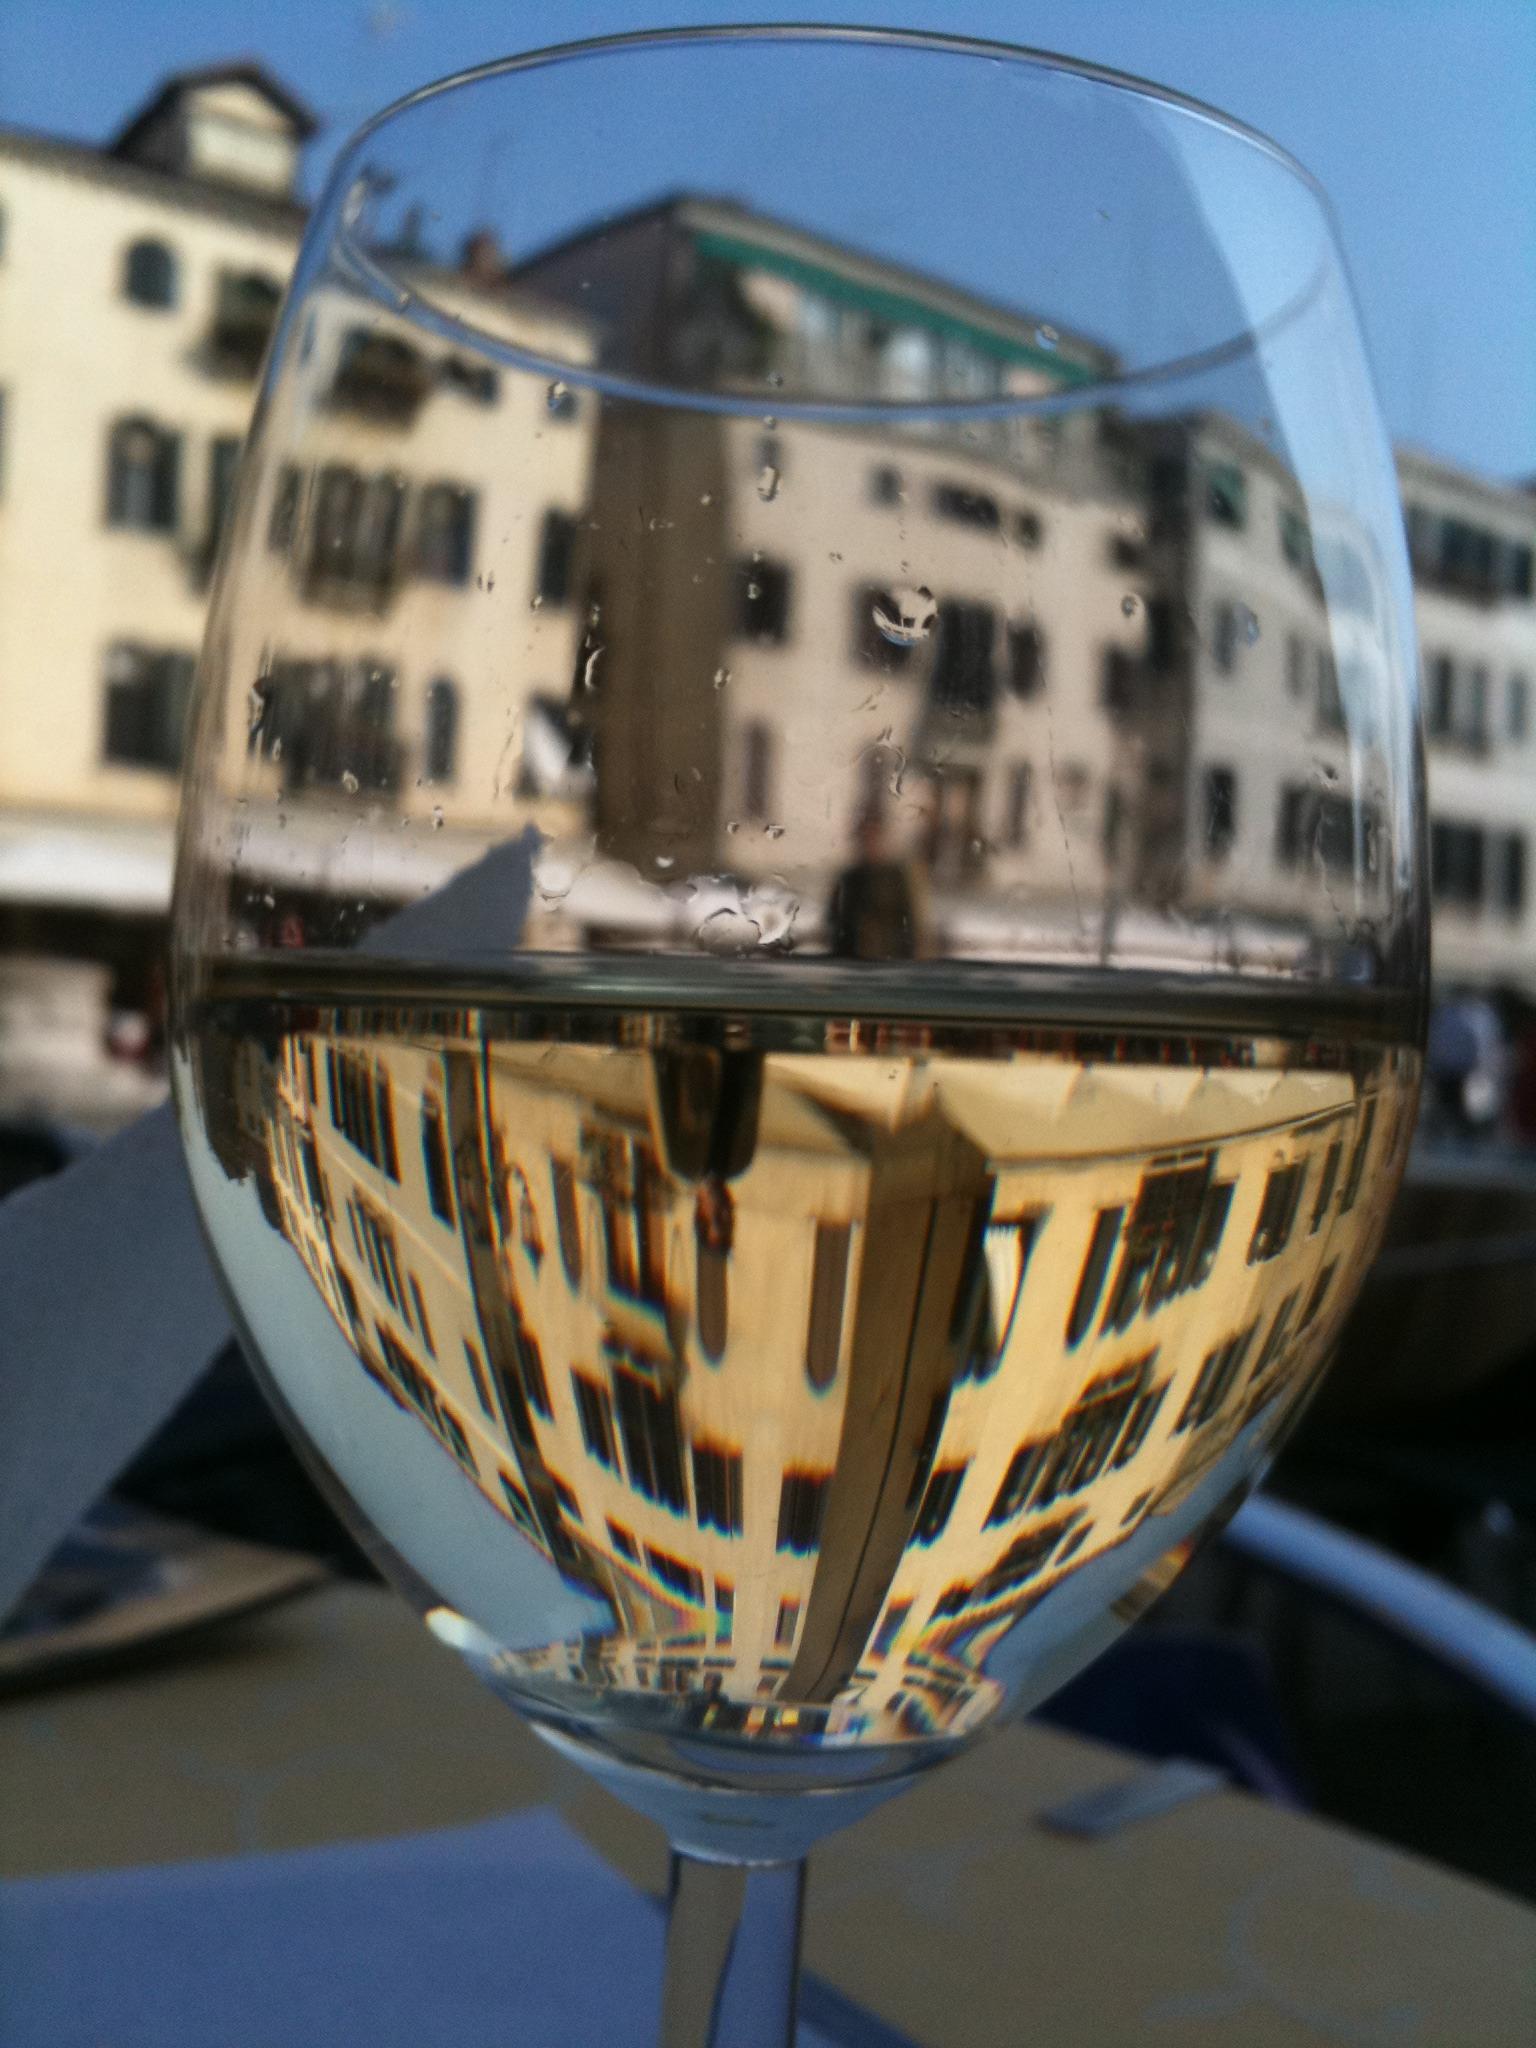 Venice - Mobile Photos - Day 6